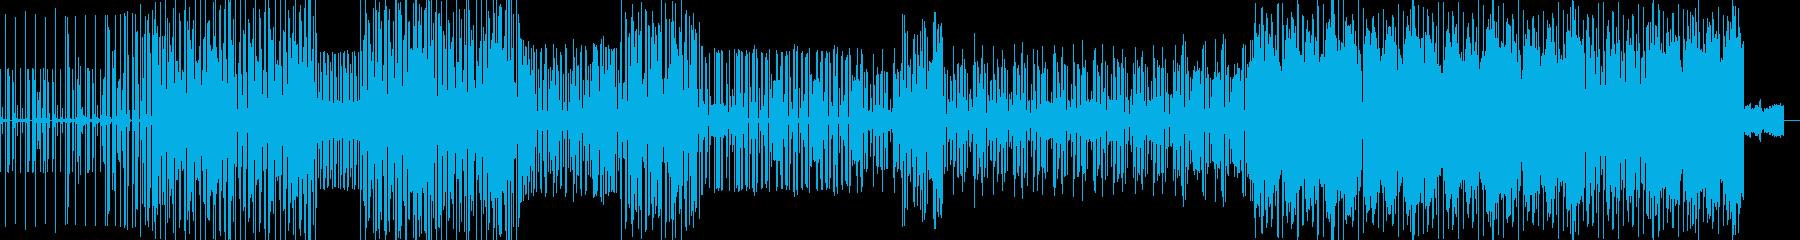 展開性のあるHIPHOPインストの再生済みの波形